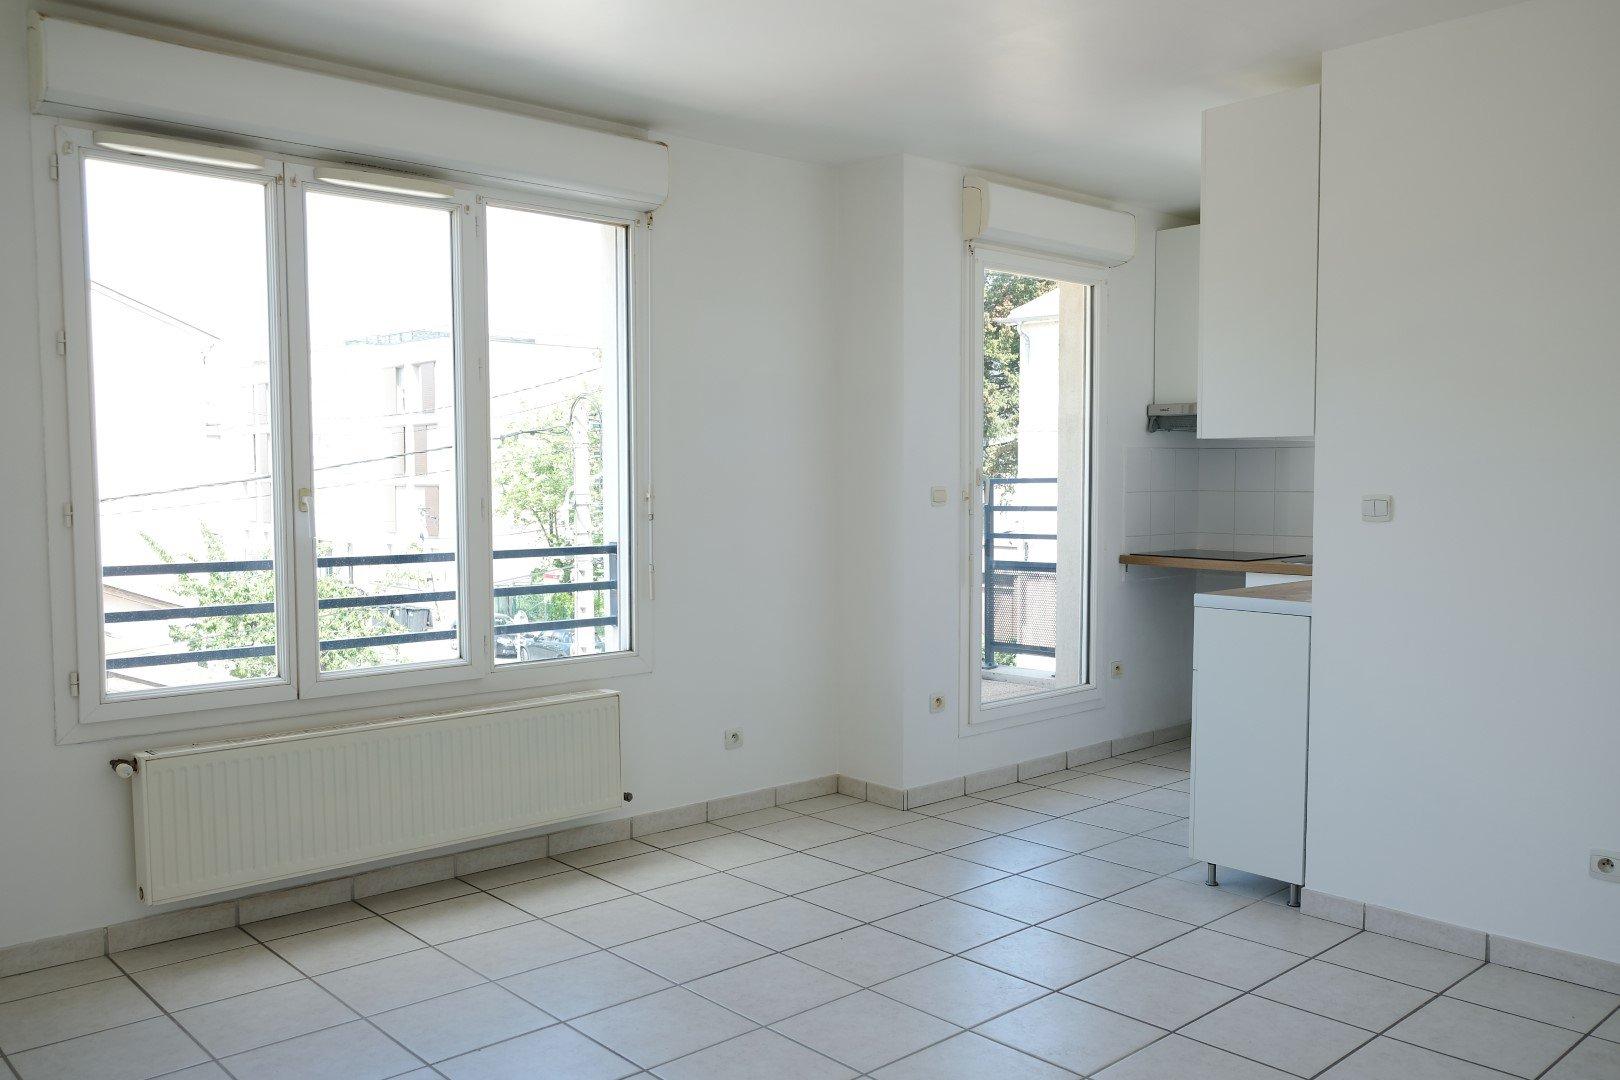 Location Appartement Surface de 38.11 m², 2 pièces, Vénissieux (69200)